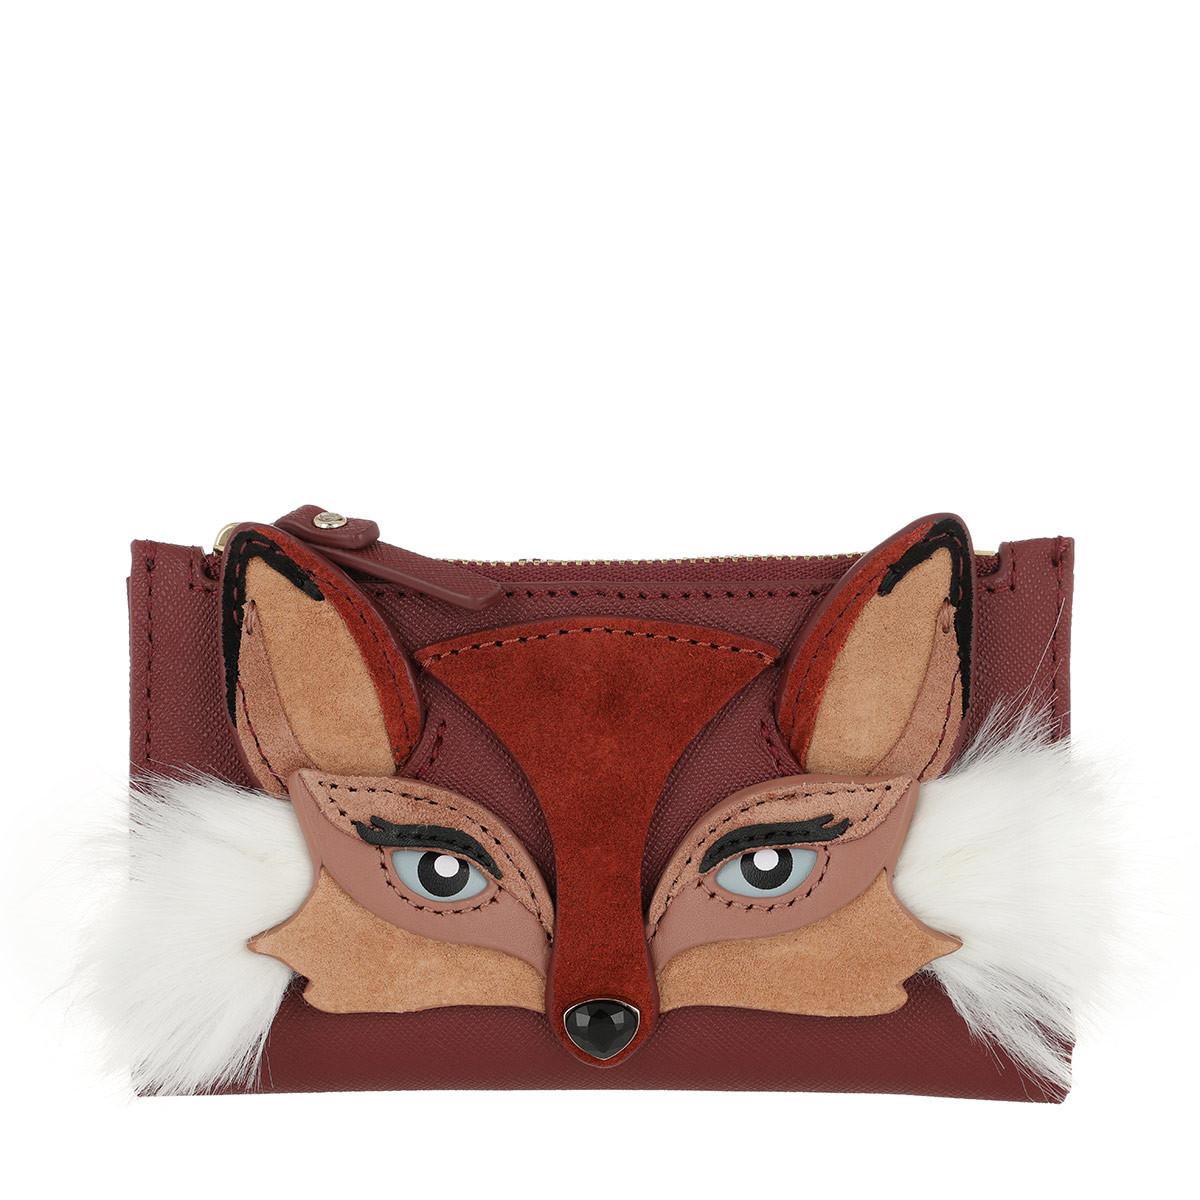 Kate Spade New York Portemonnaie - Fox Mikey Wallet Multi - in rot - für Damen